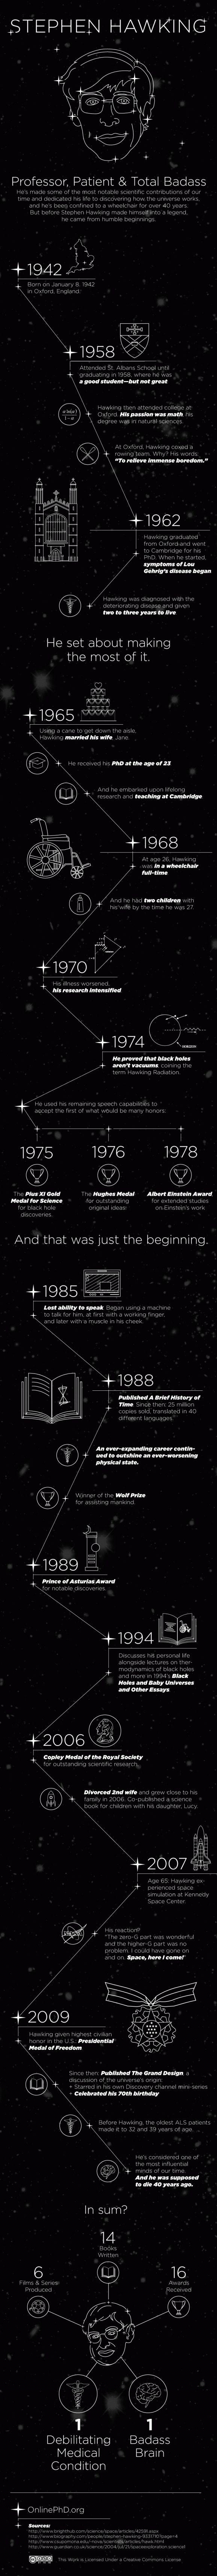 The career of Professor Stephen Hawking (Infographic) | ScienceDump